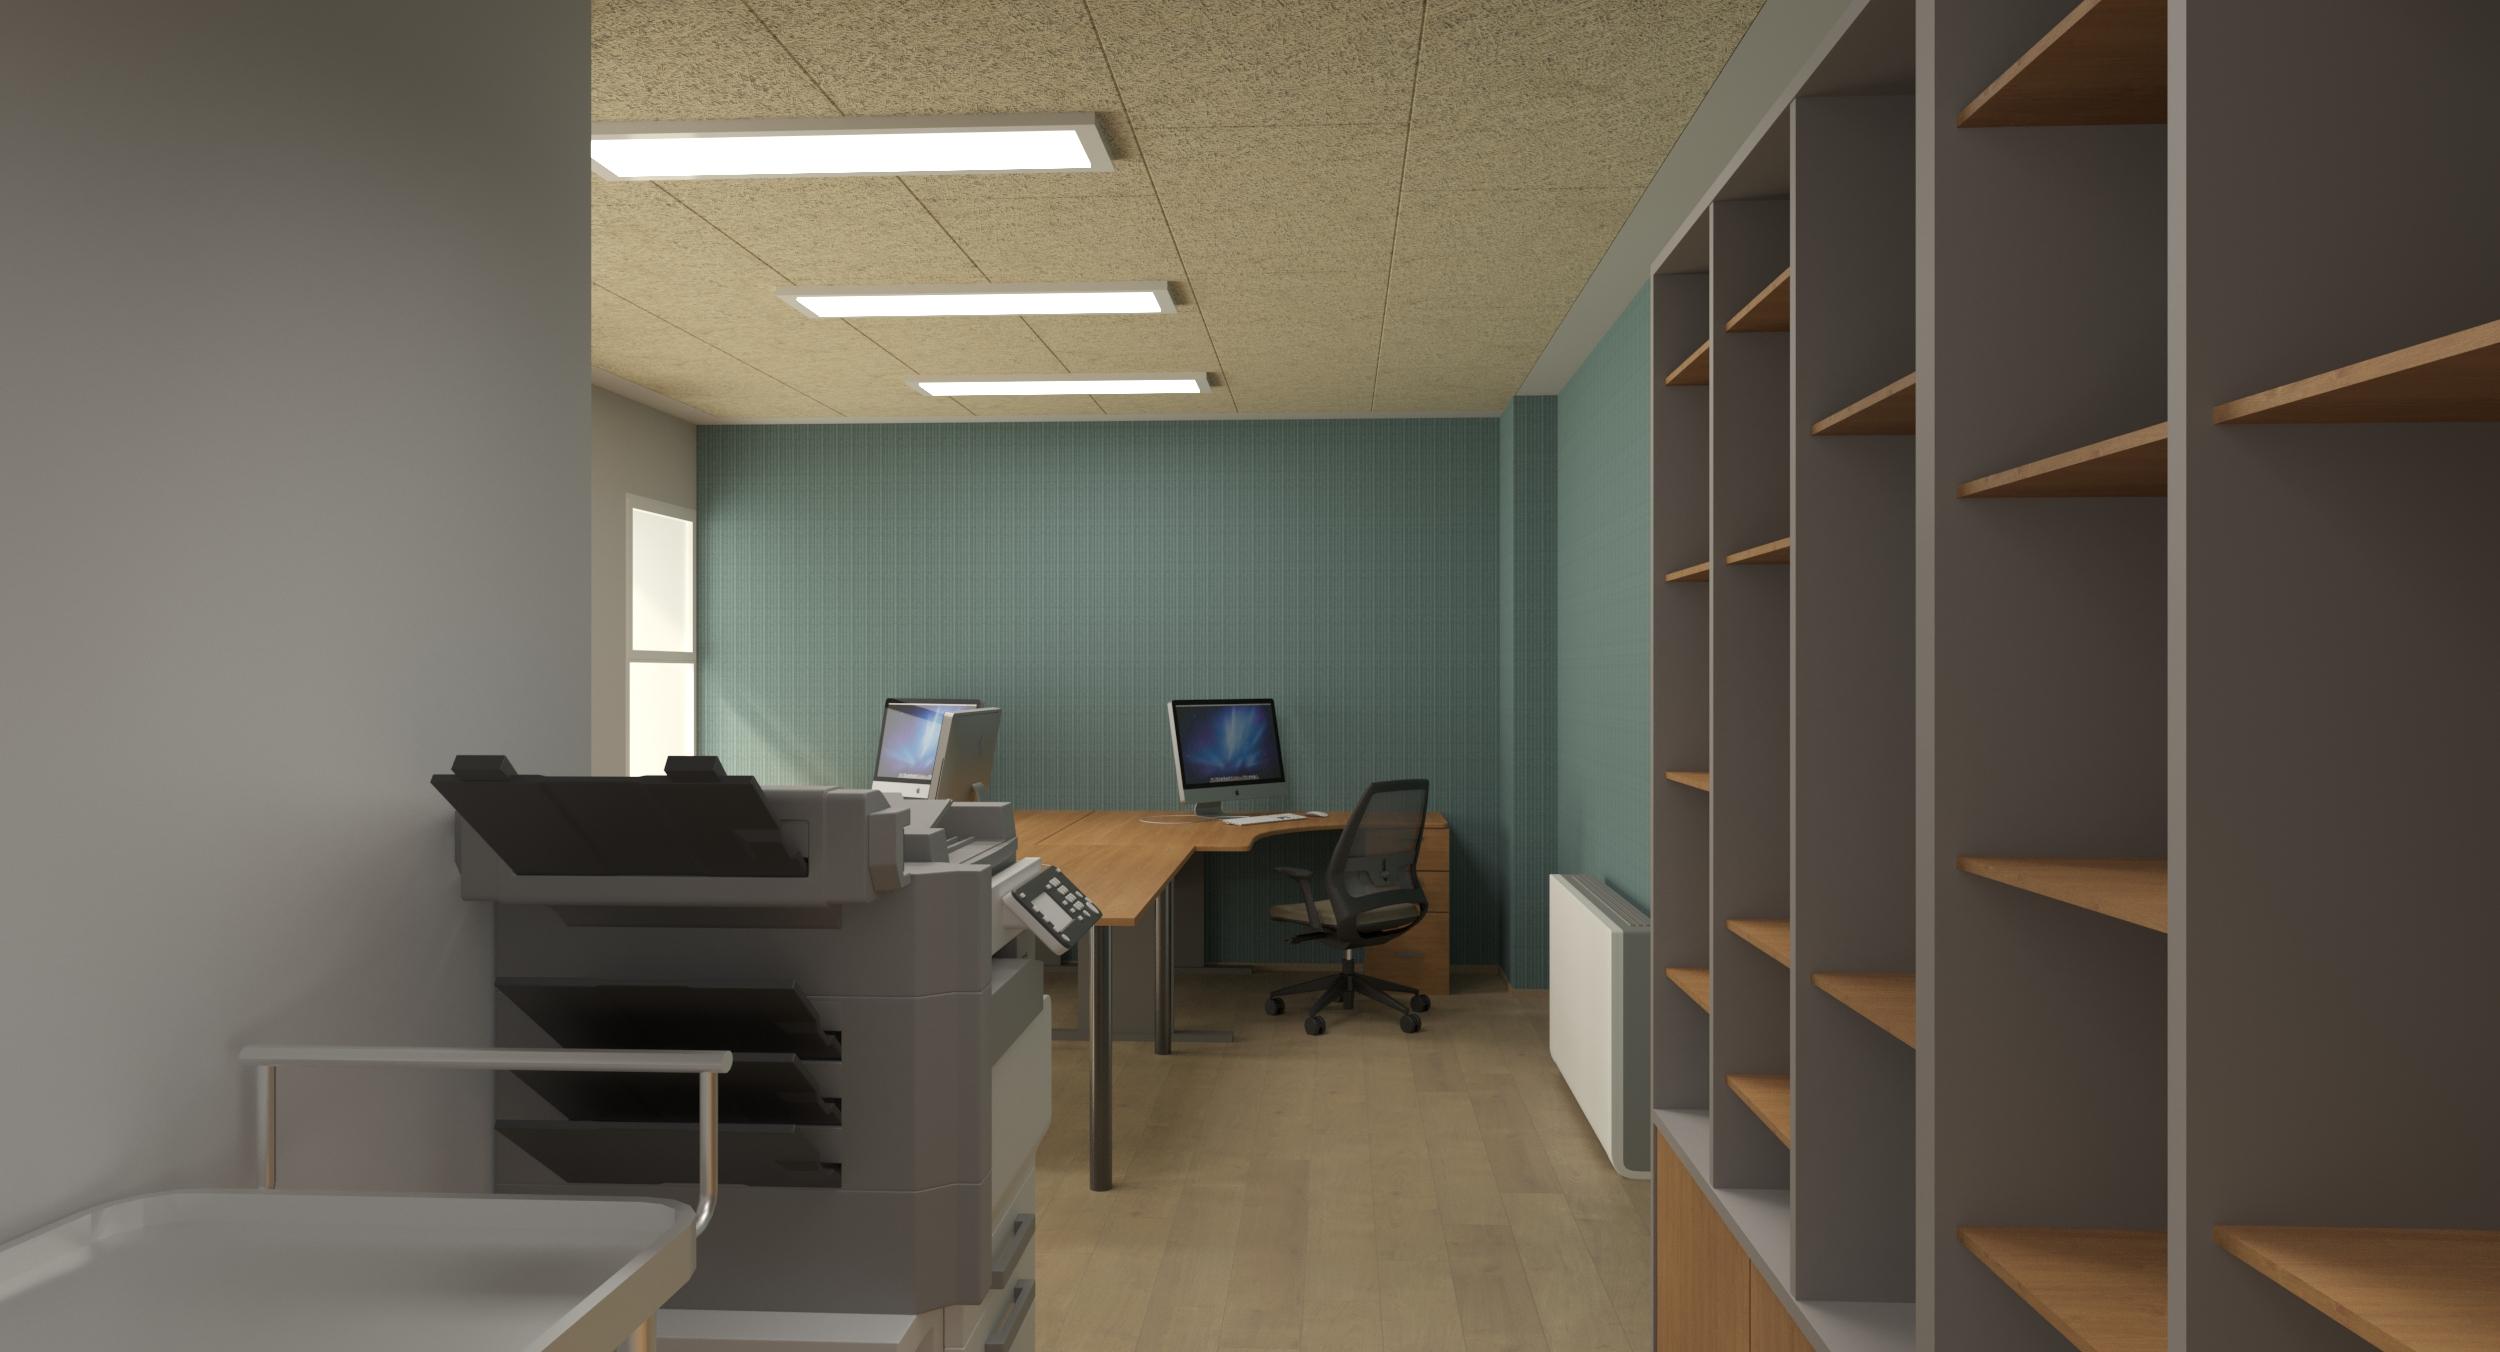 emmme studio slow design oficinas ordenanzas Enresa  01.jpg